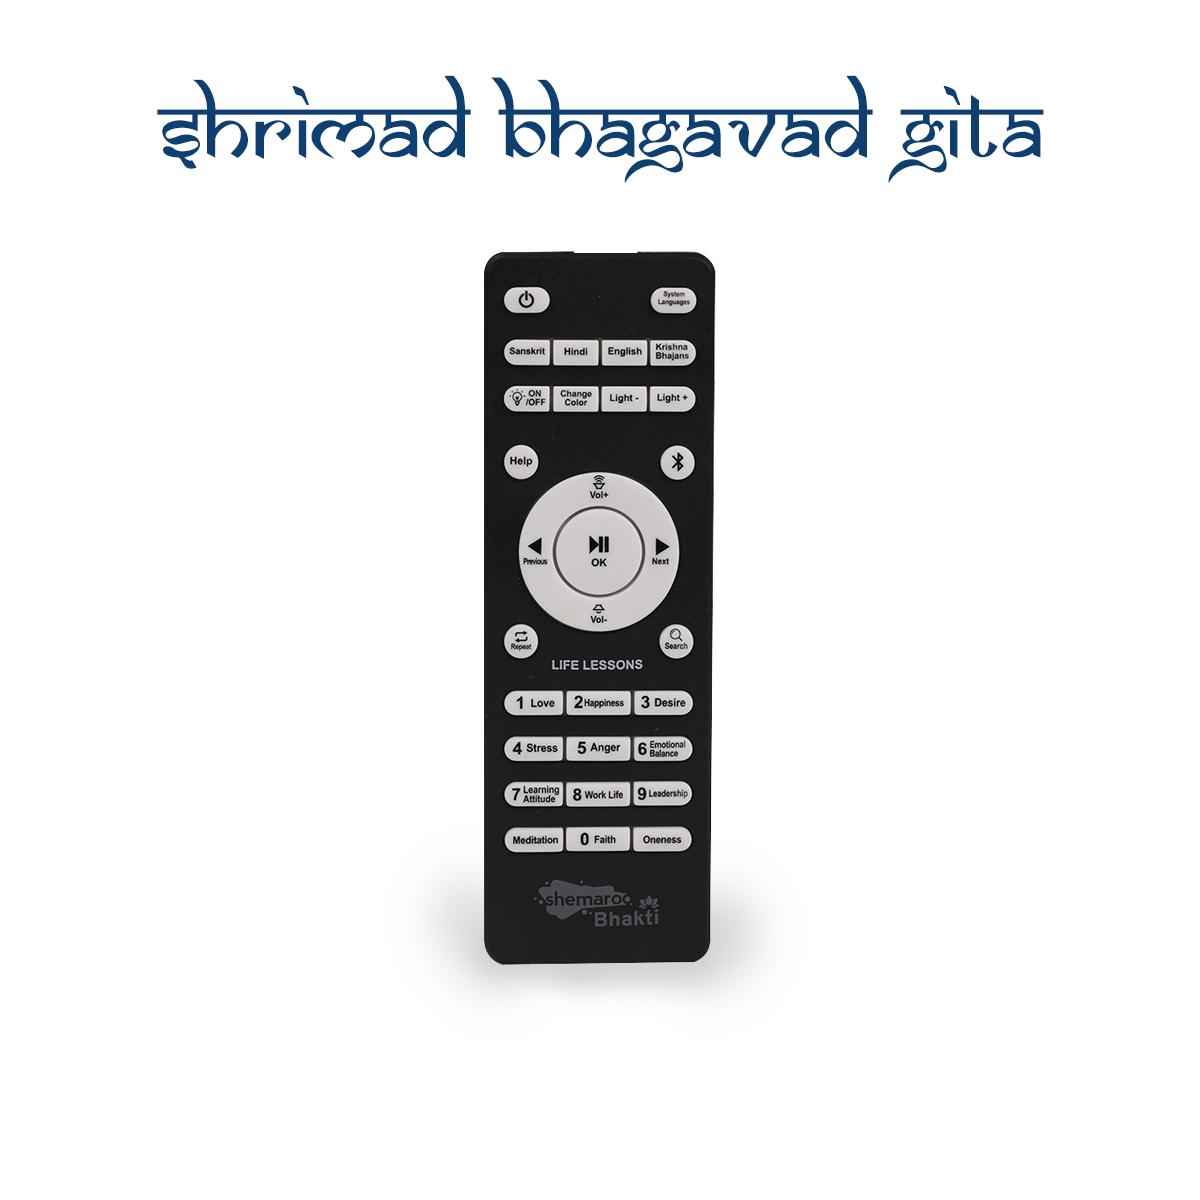 Shrimad Bhagavad Gita Bluetooth Speaker